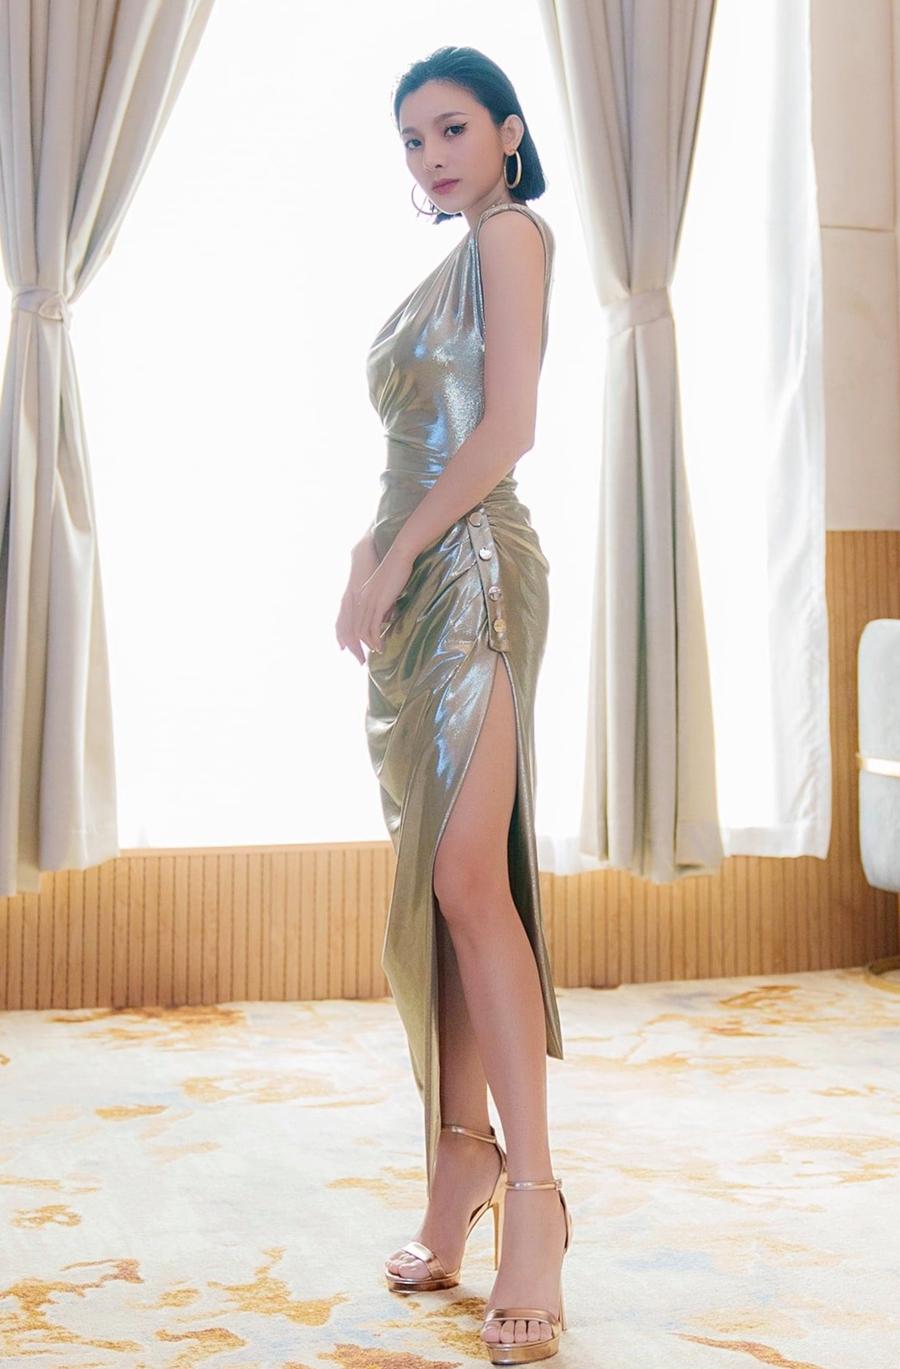 Phong cách sexy của nữ chính MV mới của Đan Trường - 3